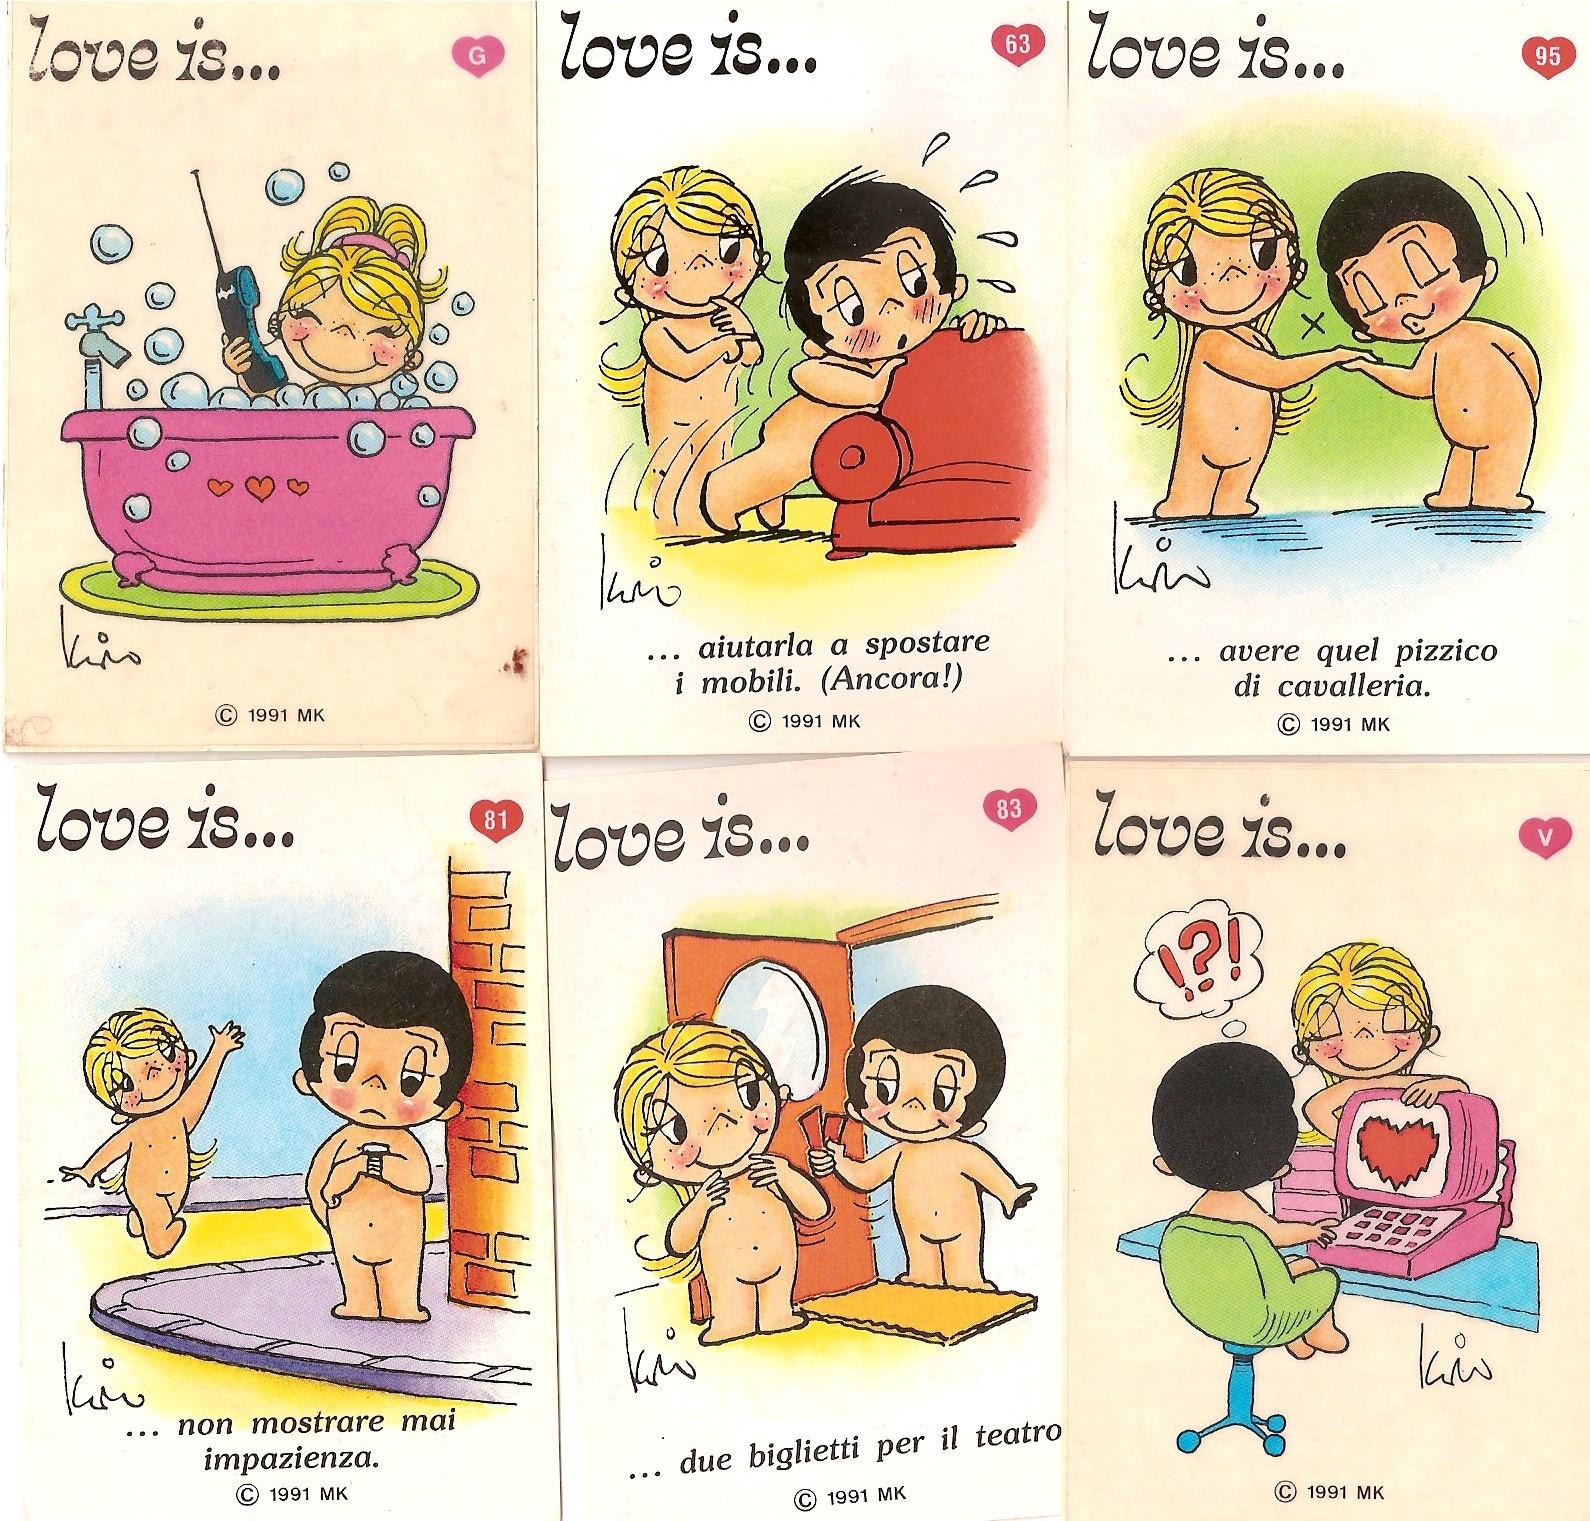 """how romantic """"Love is ... """" vignettes?: s-fashion-avenue.blogspot.com/2011/02/love-is-peynet.html"""